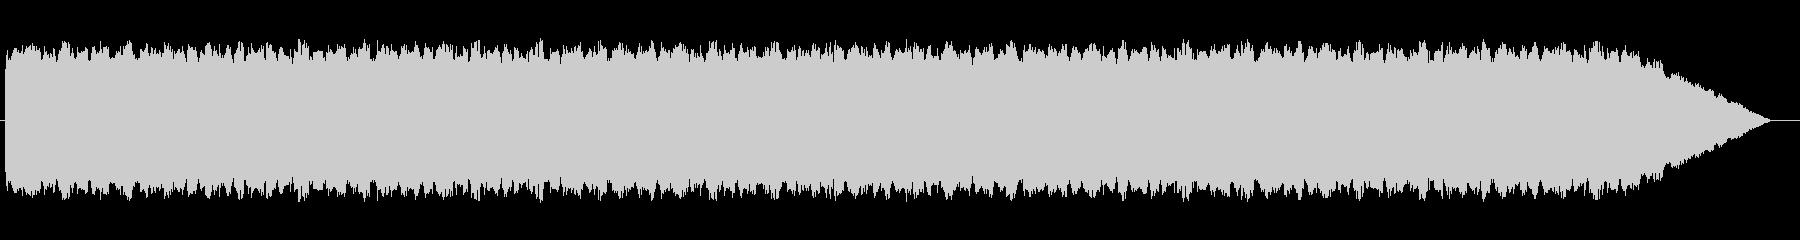 エマージェンシーサイレン タイプCの未再生の波形